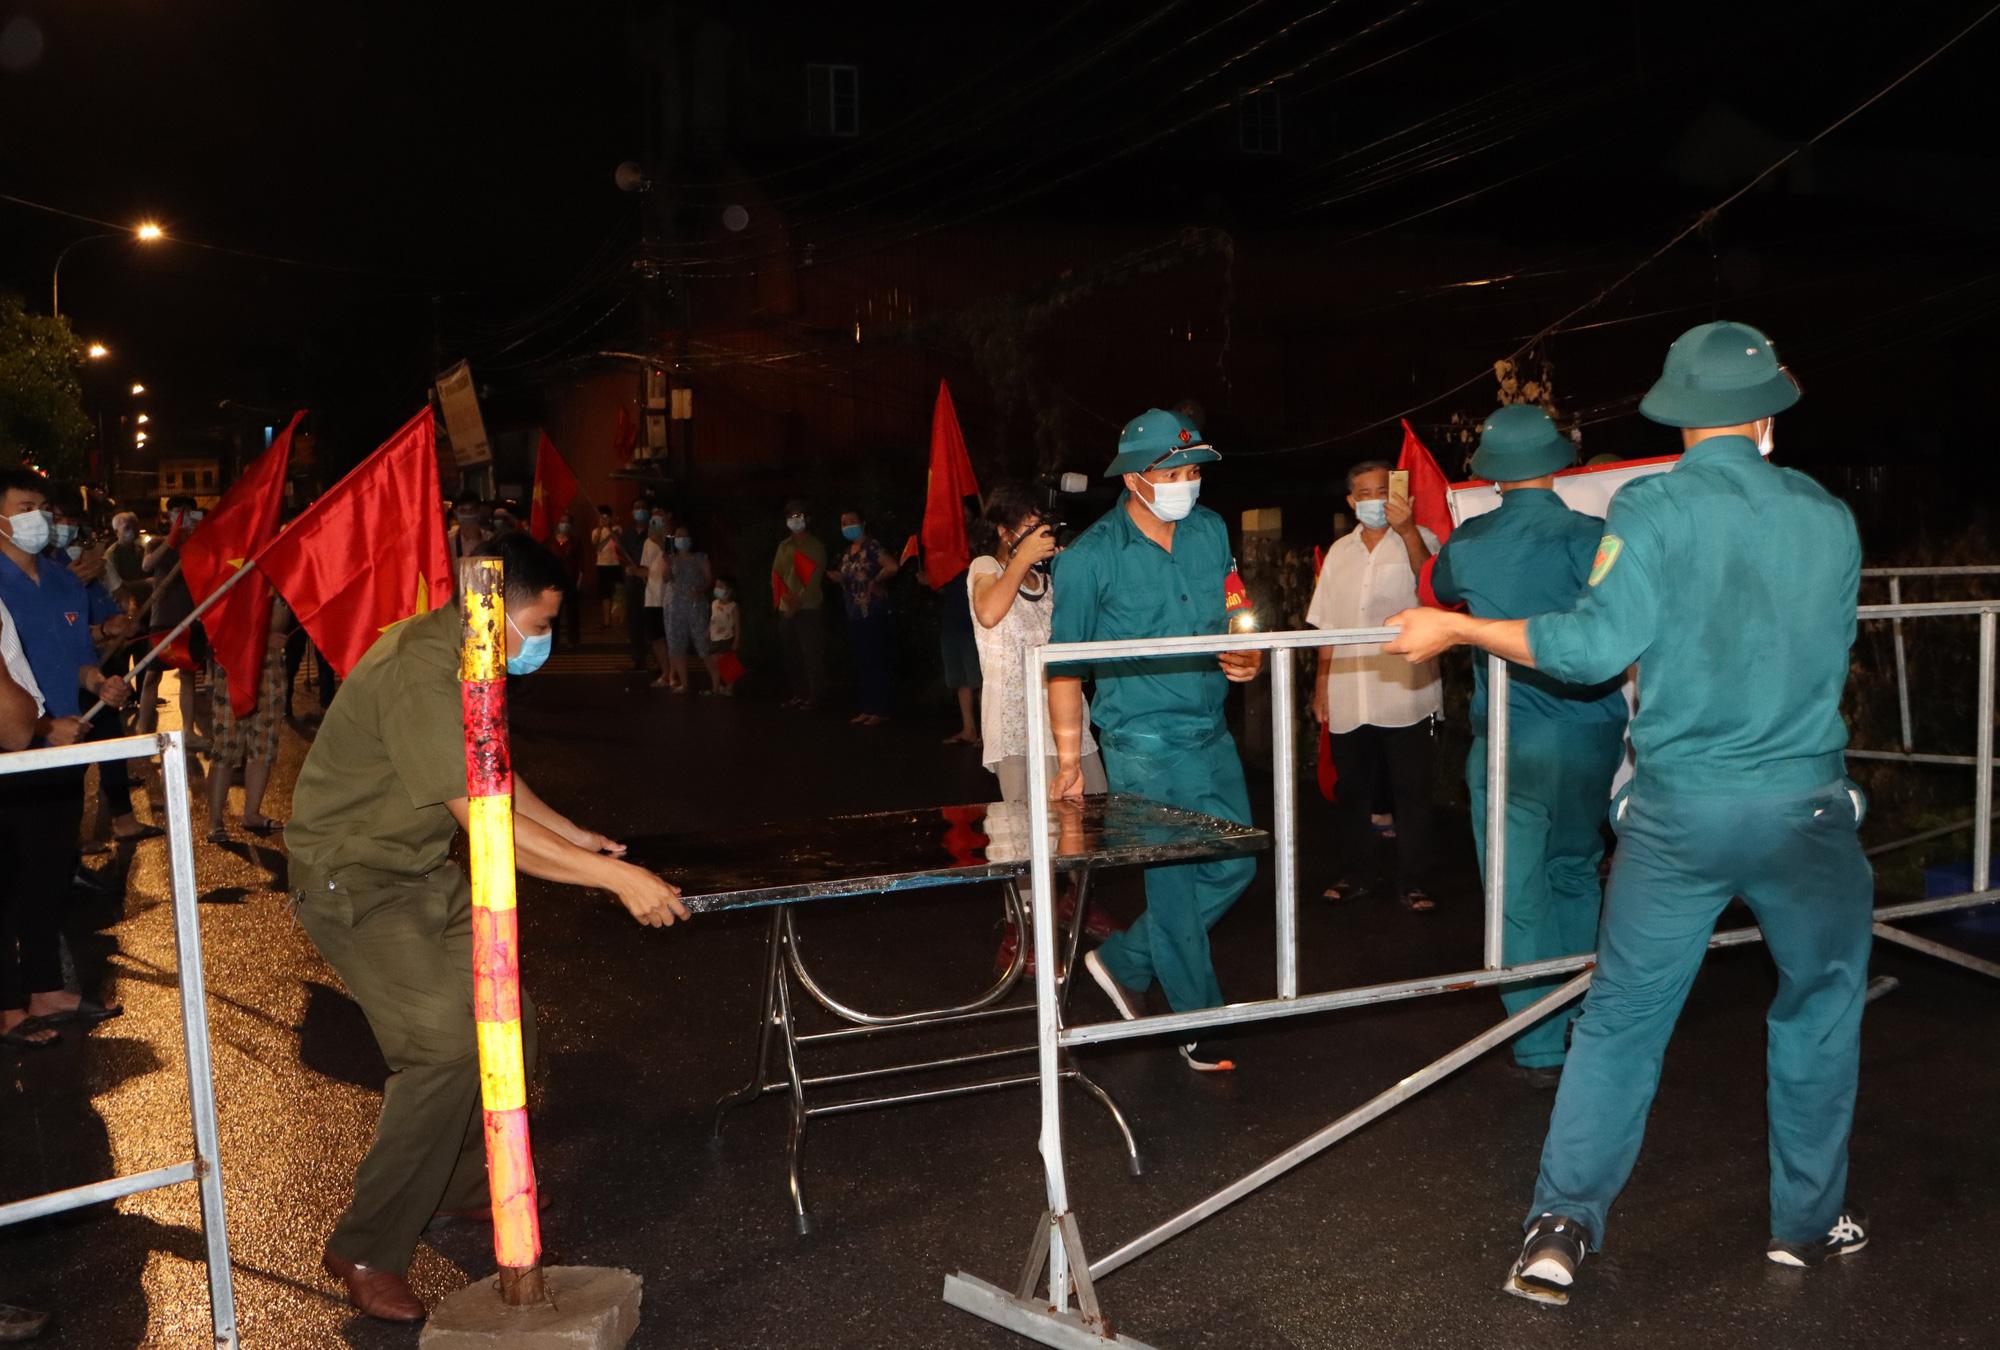 Bắc Ninh: Nới lỏng biện pháp giãn cách xã hội tại Thuận Thành, Yên Phong, Tiên Du và Lương Tài - Ảnh 1.